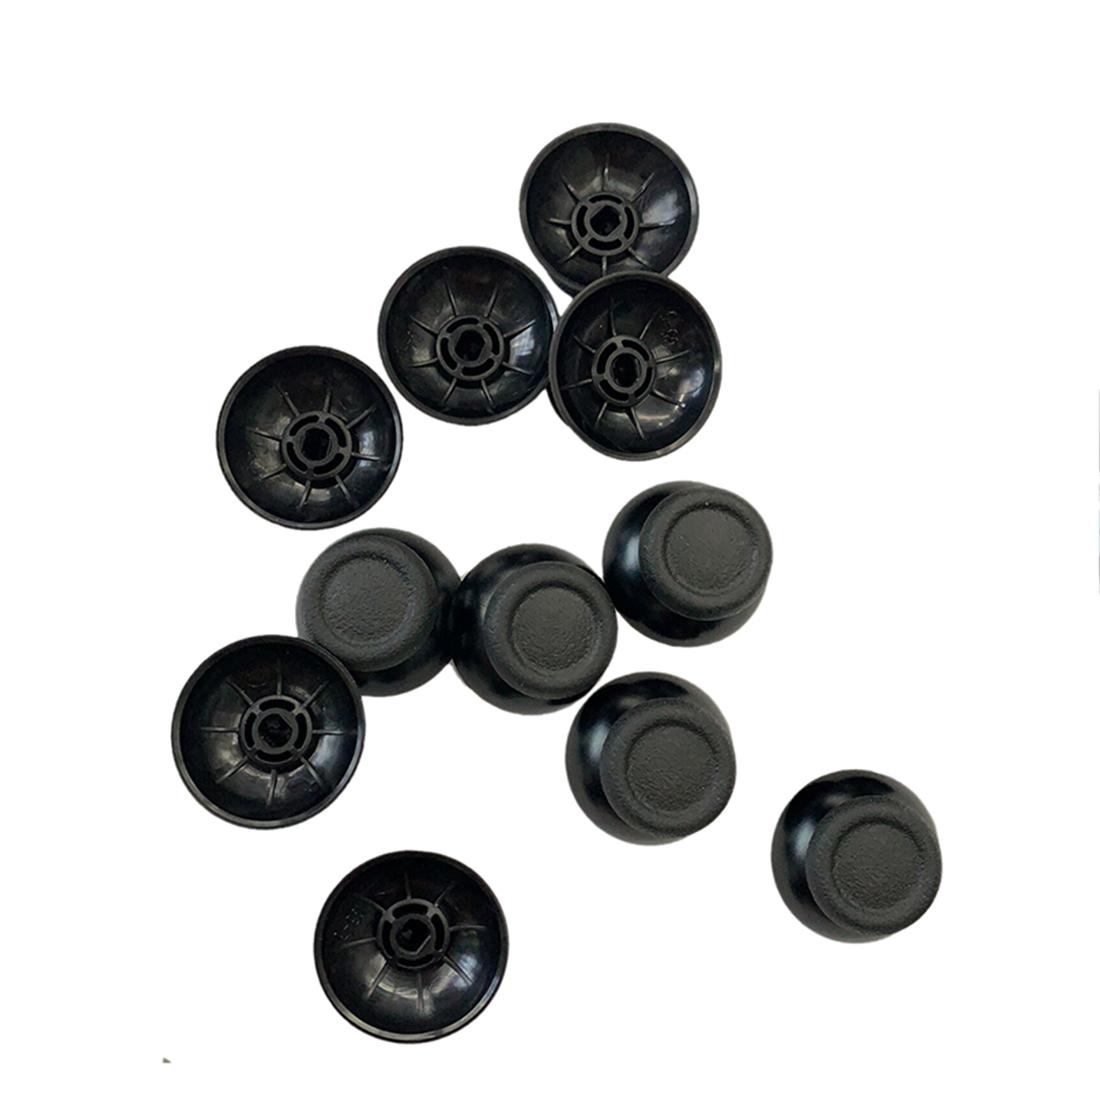 3D Joystick and Handle Cap Repair Parts for PS4